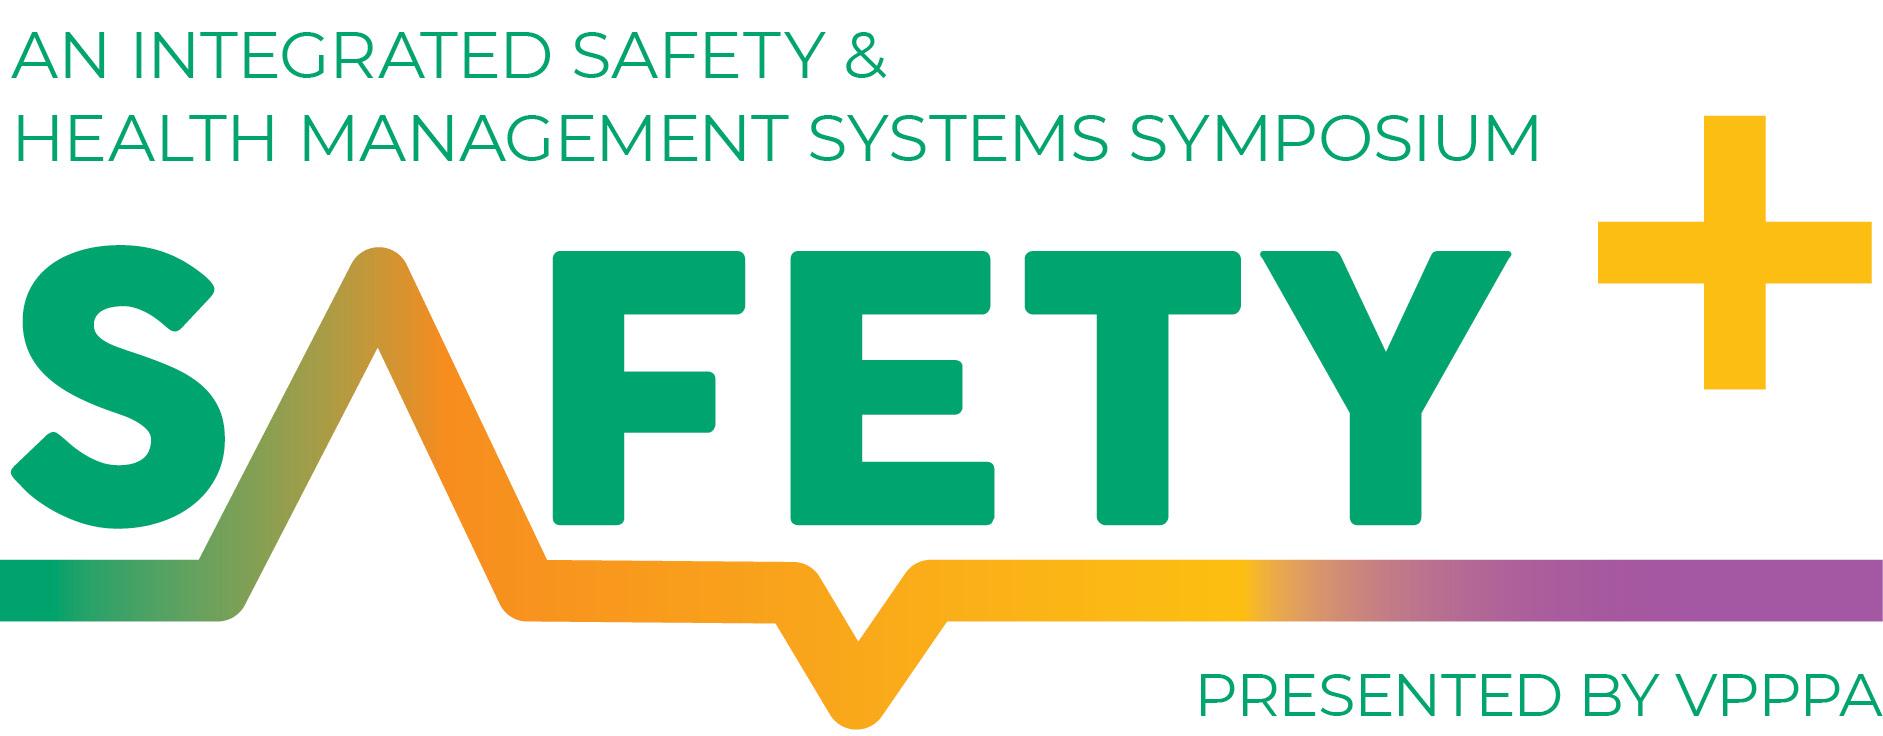 VPPPA Safety Symposium